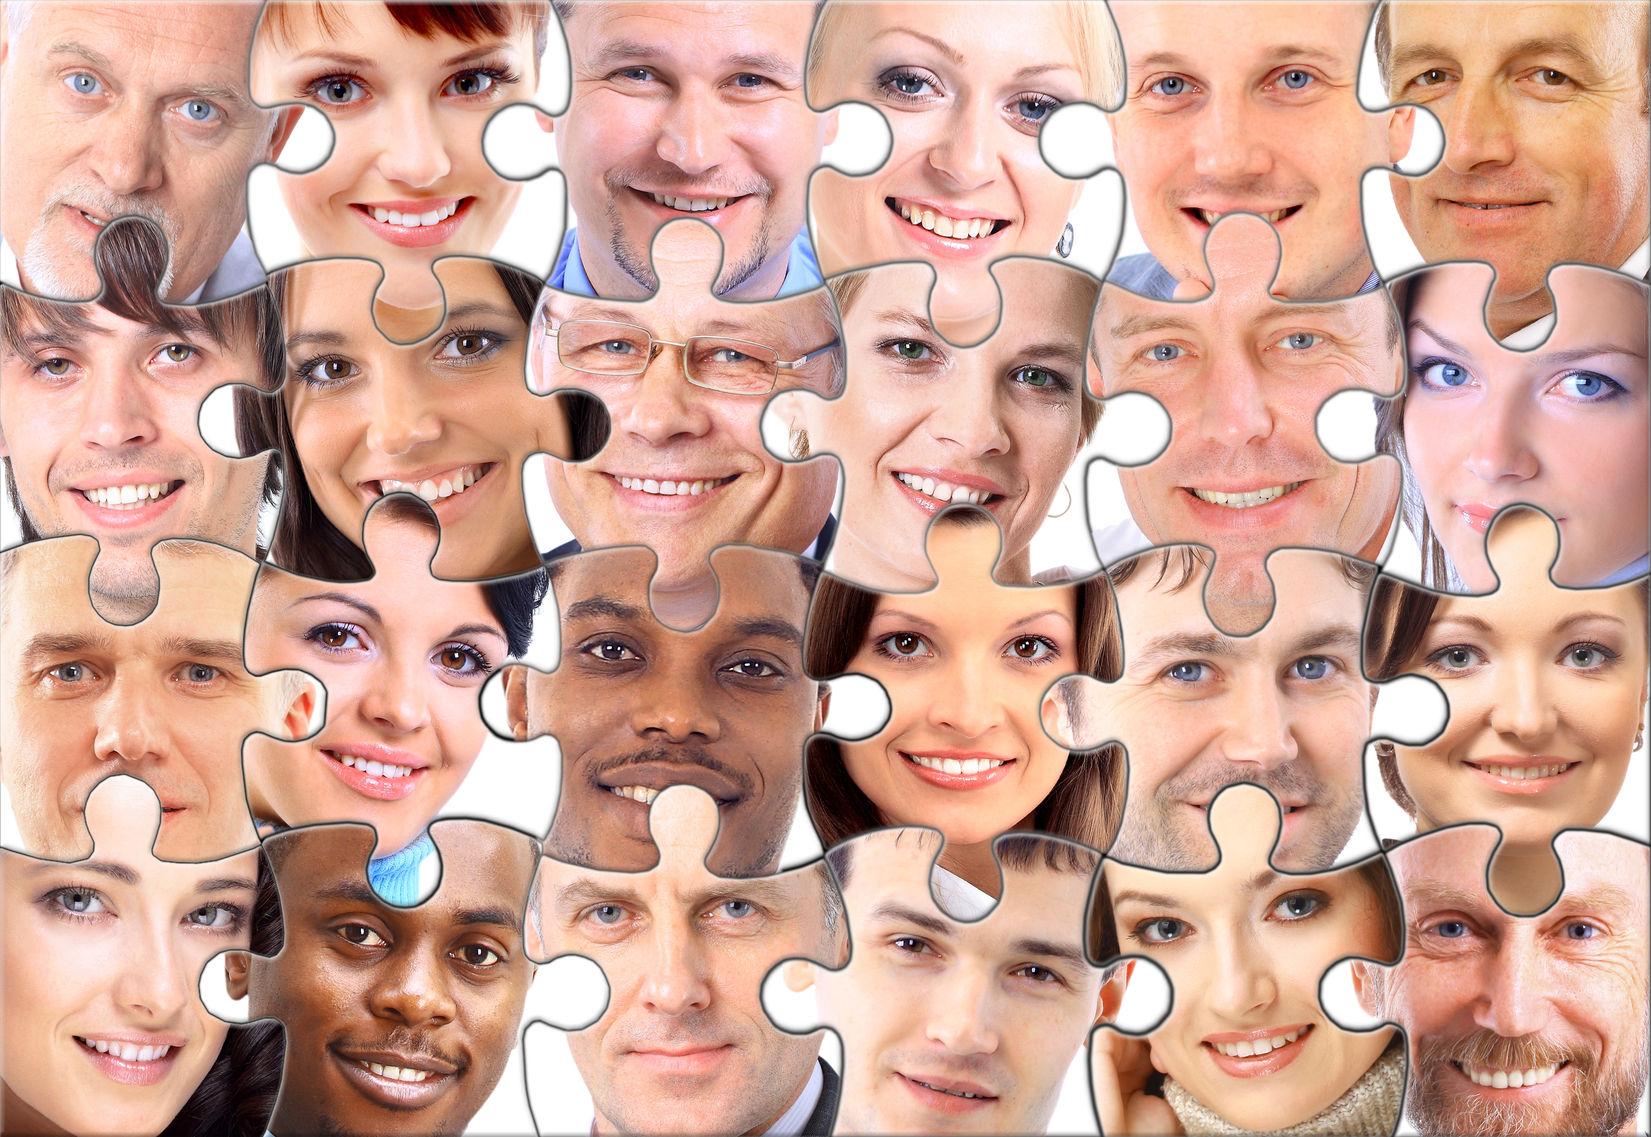 People puzzle.jpg